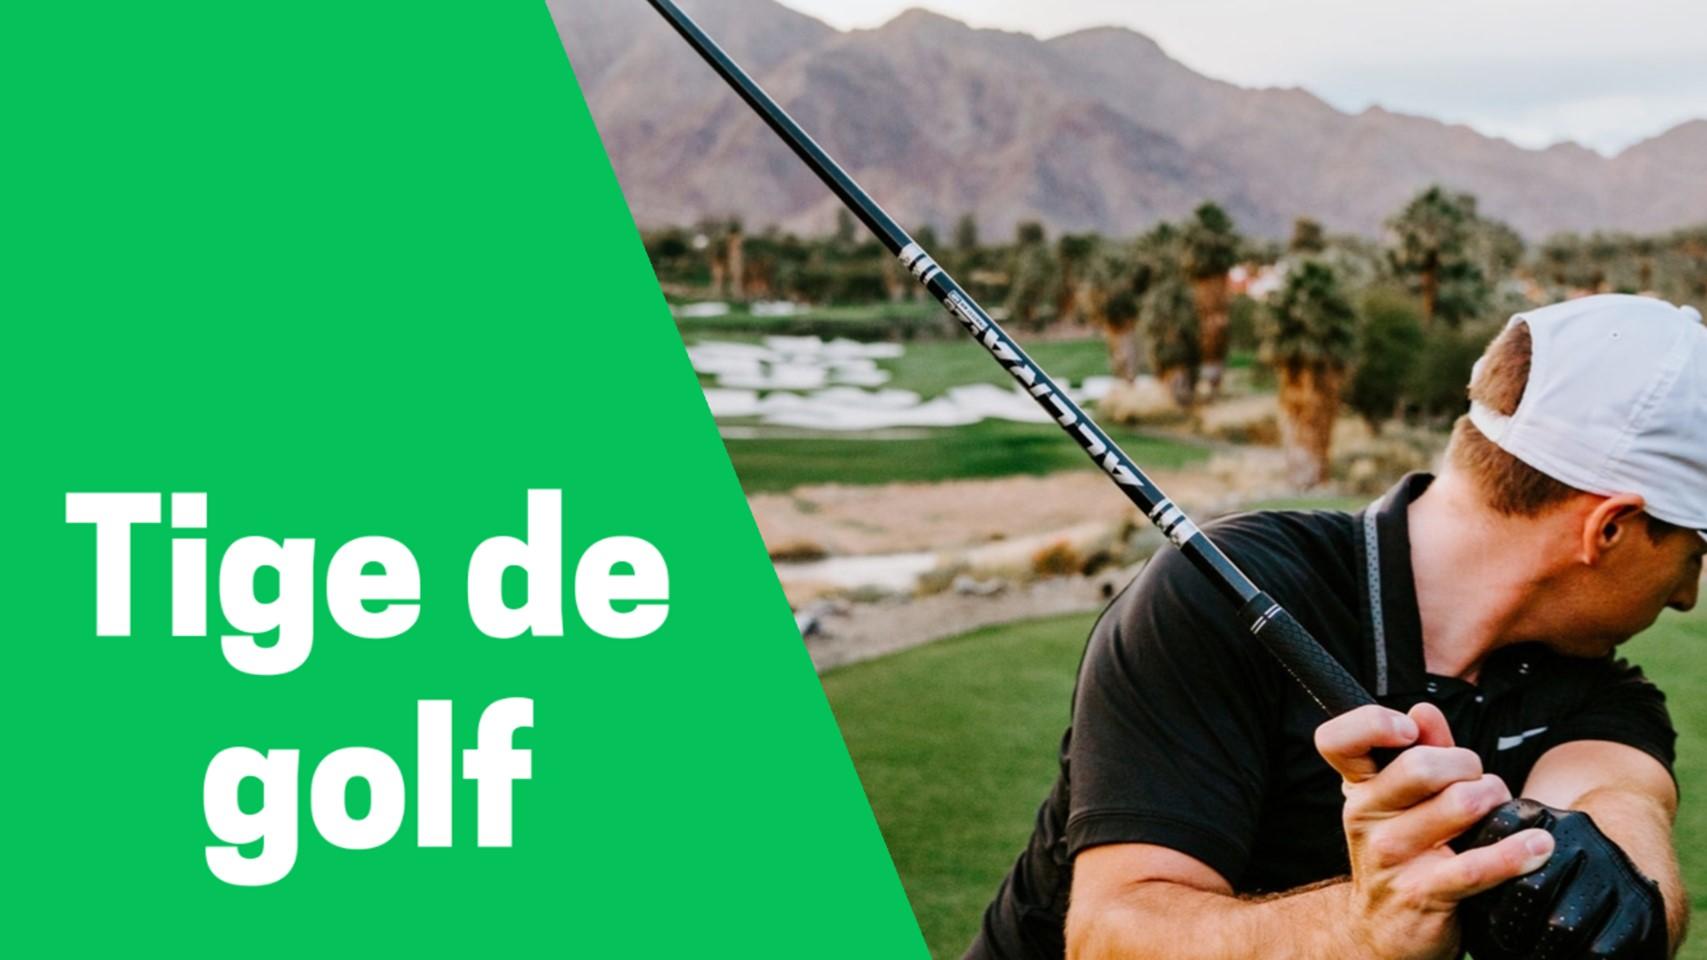 Meilleur tige de golf comparatif avis test guide achat